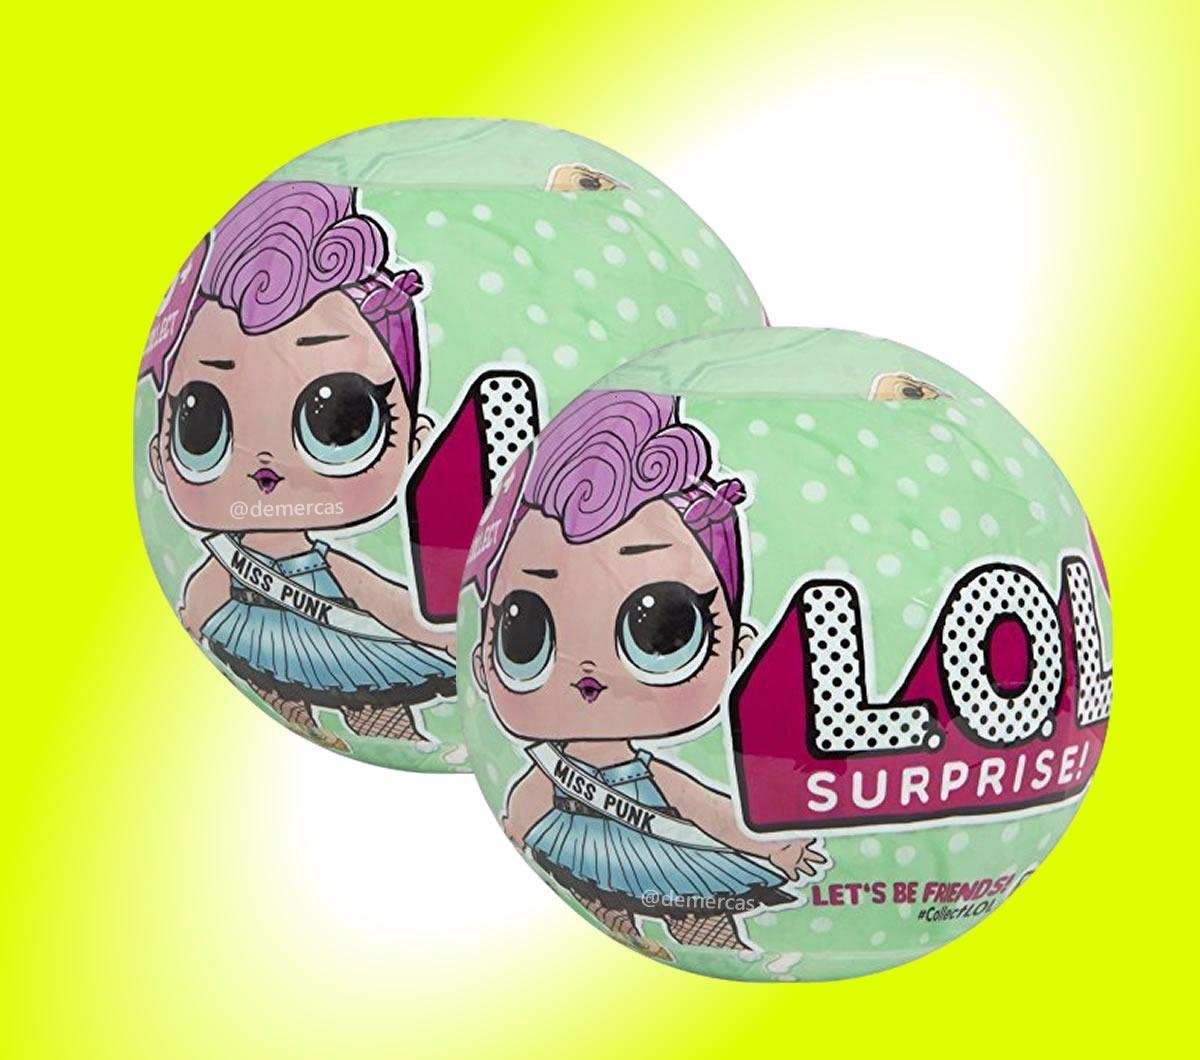 L O L Surprise Doll Serie 2 X 2 Bola Envio Gratis 79 900 En